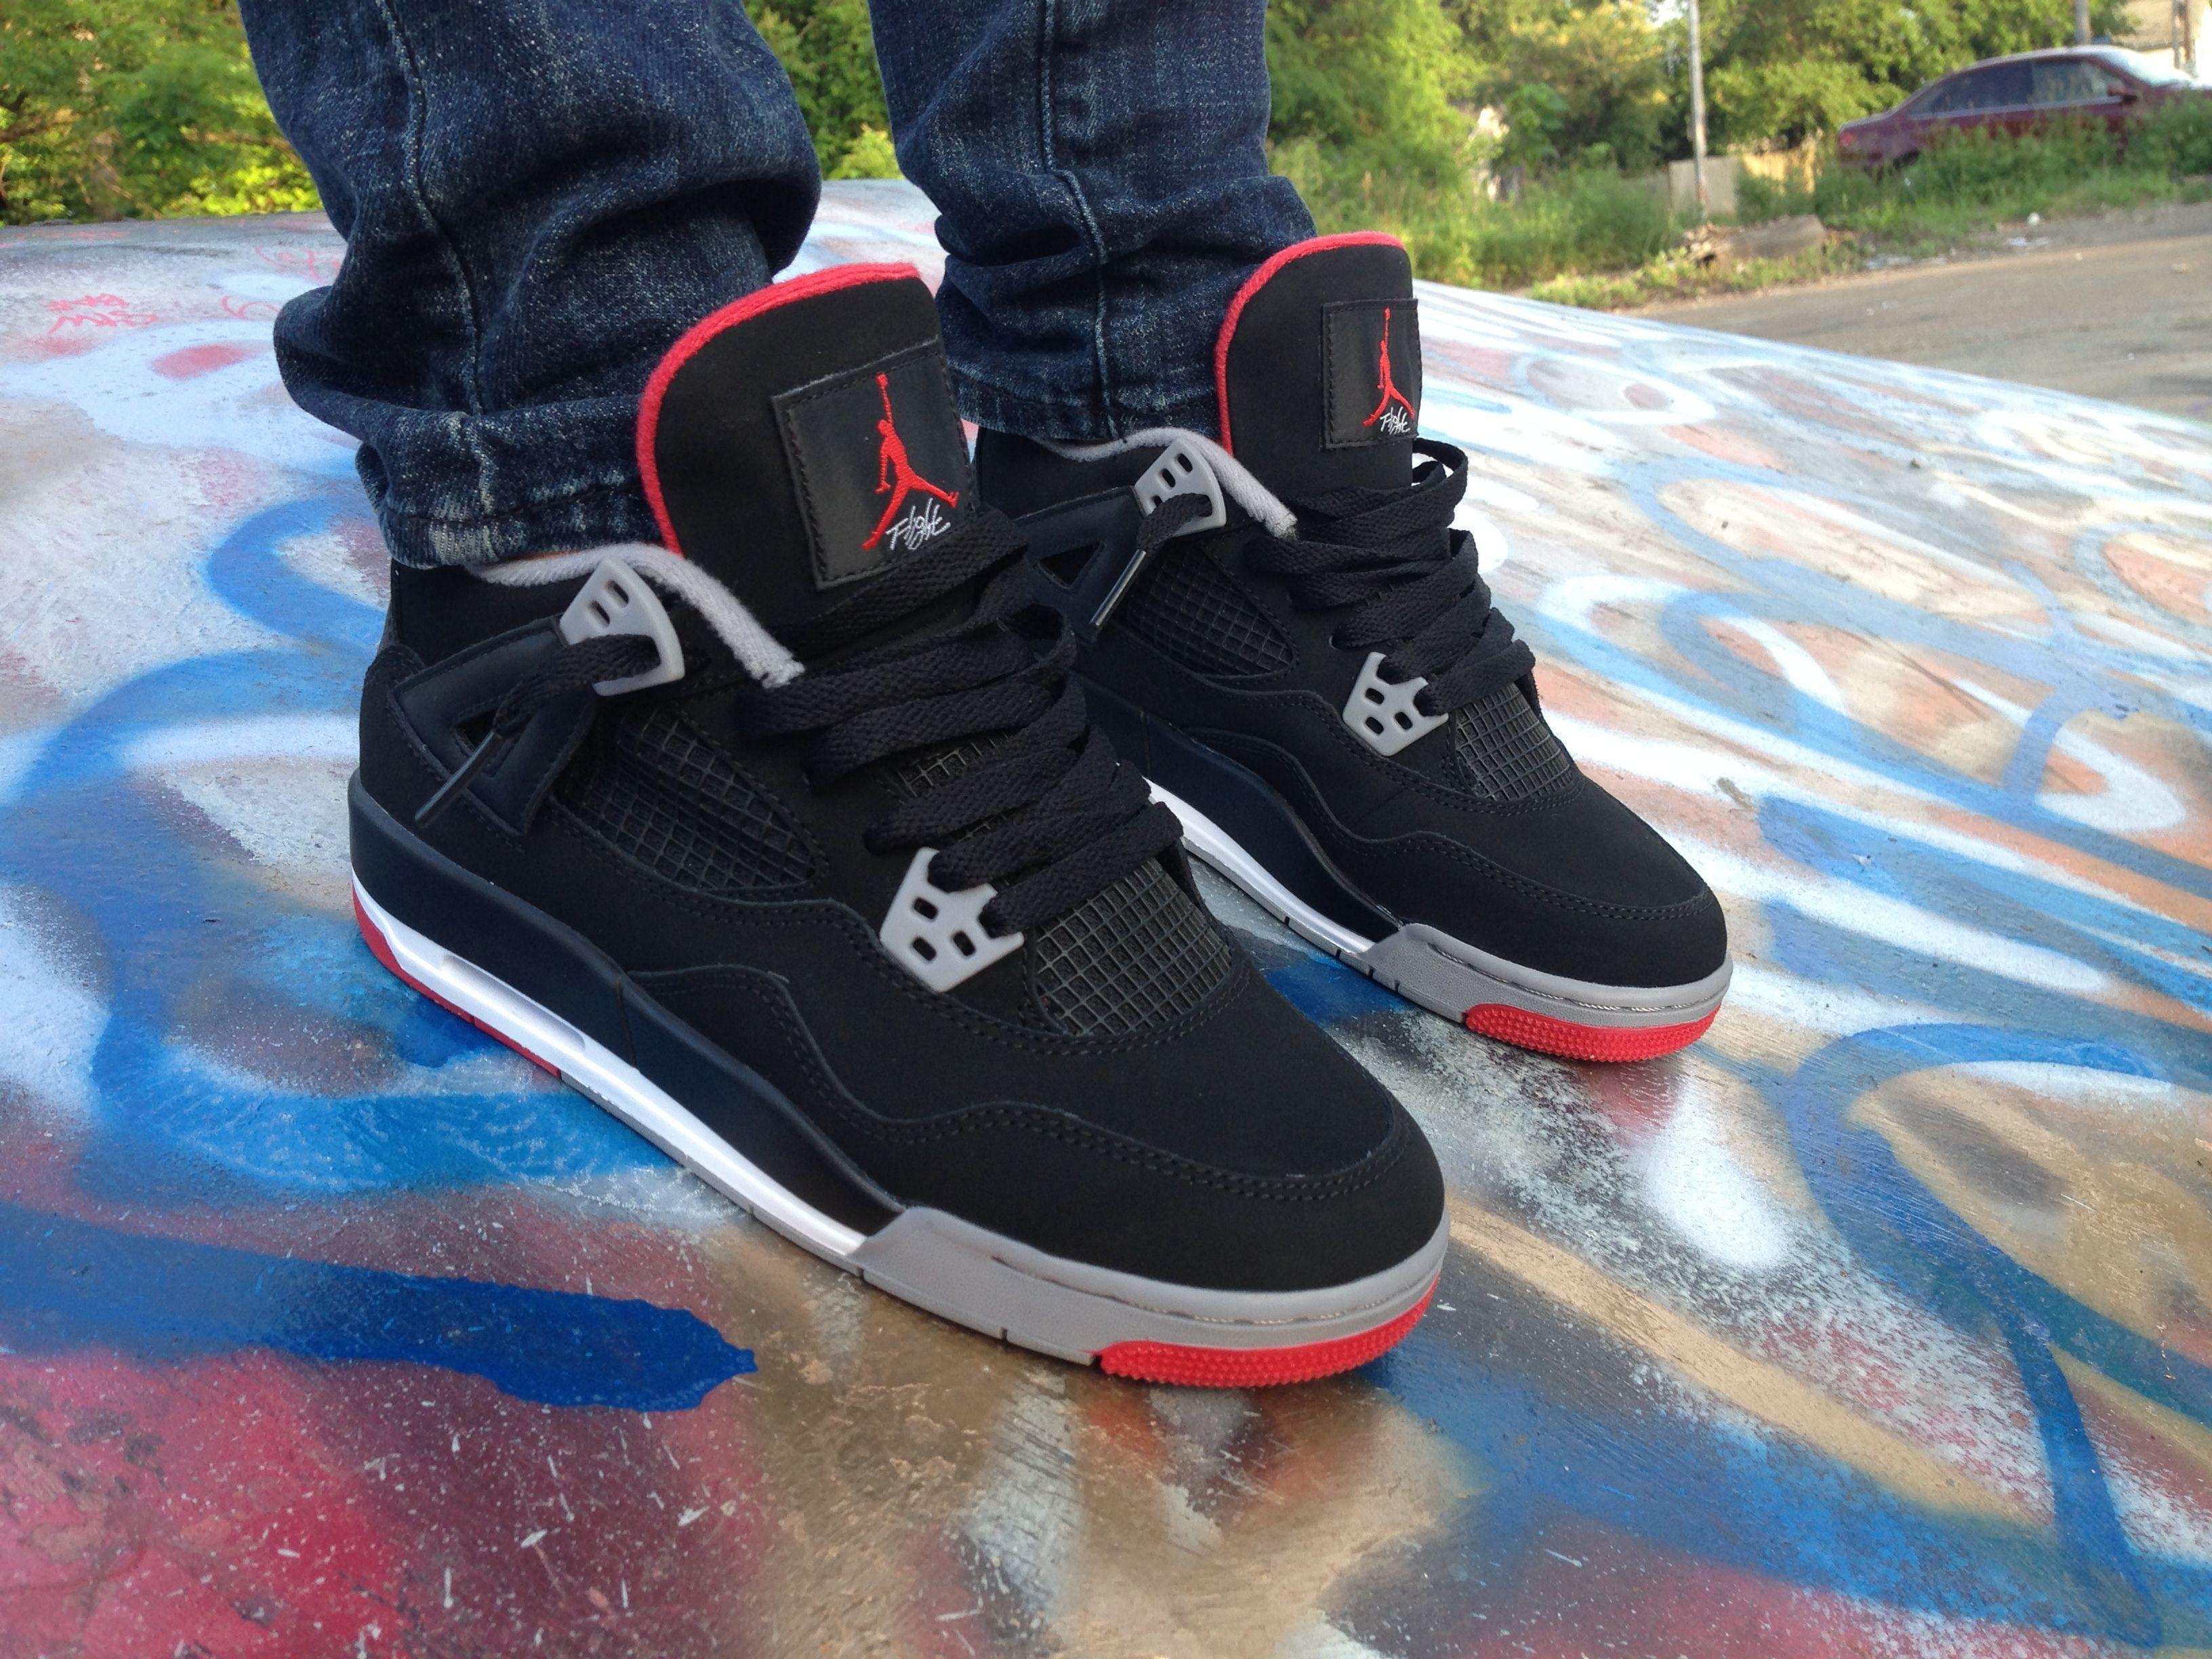 Black Cement 4s   Black cement